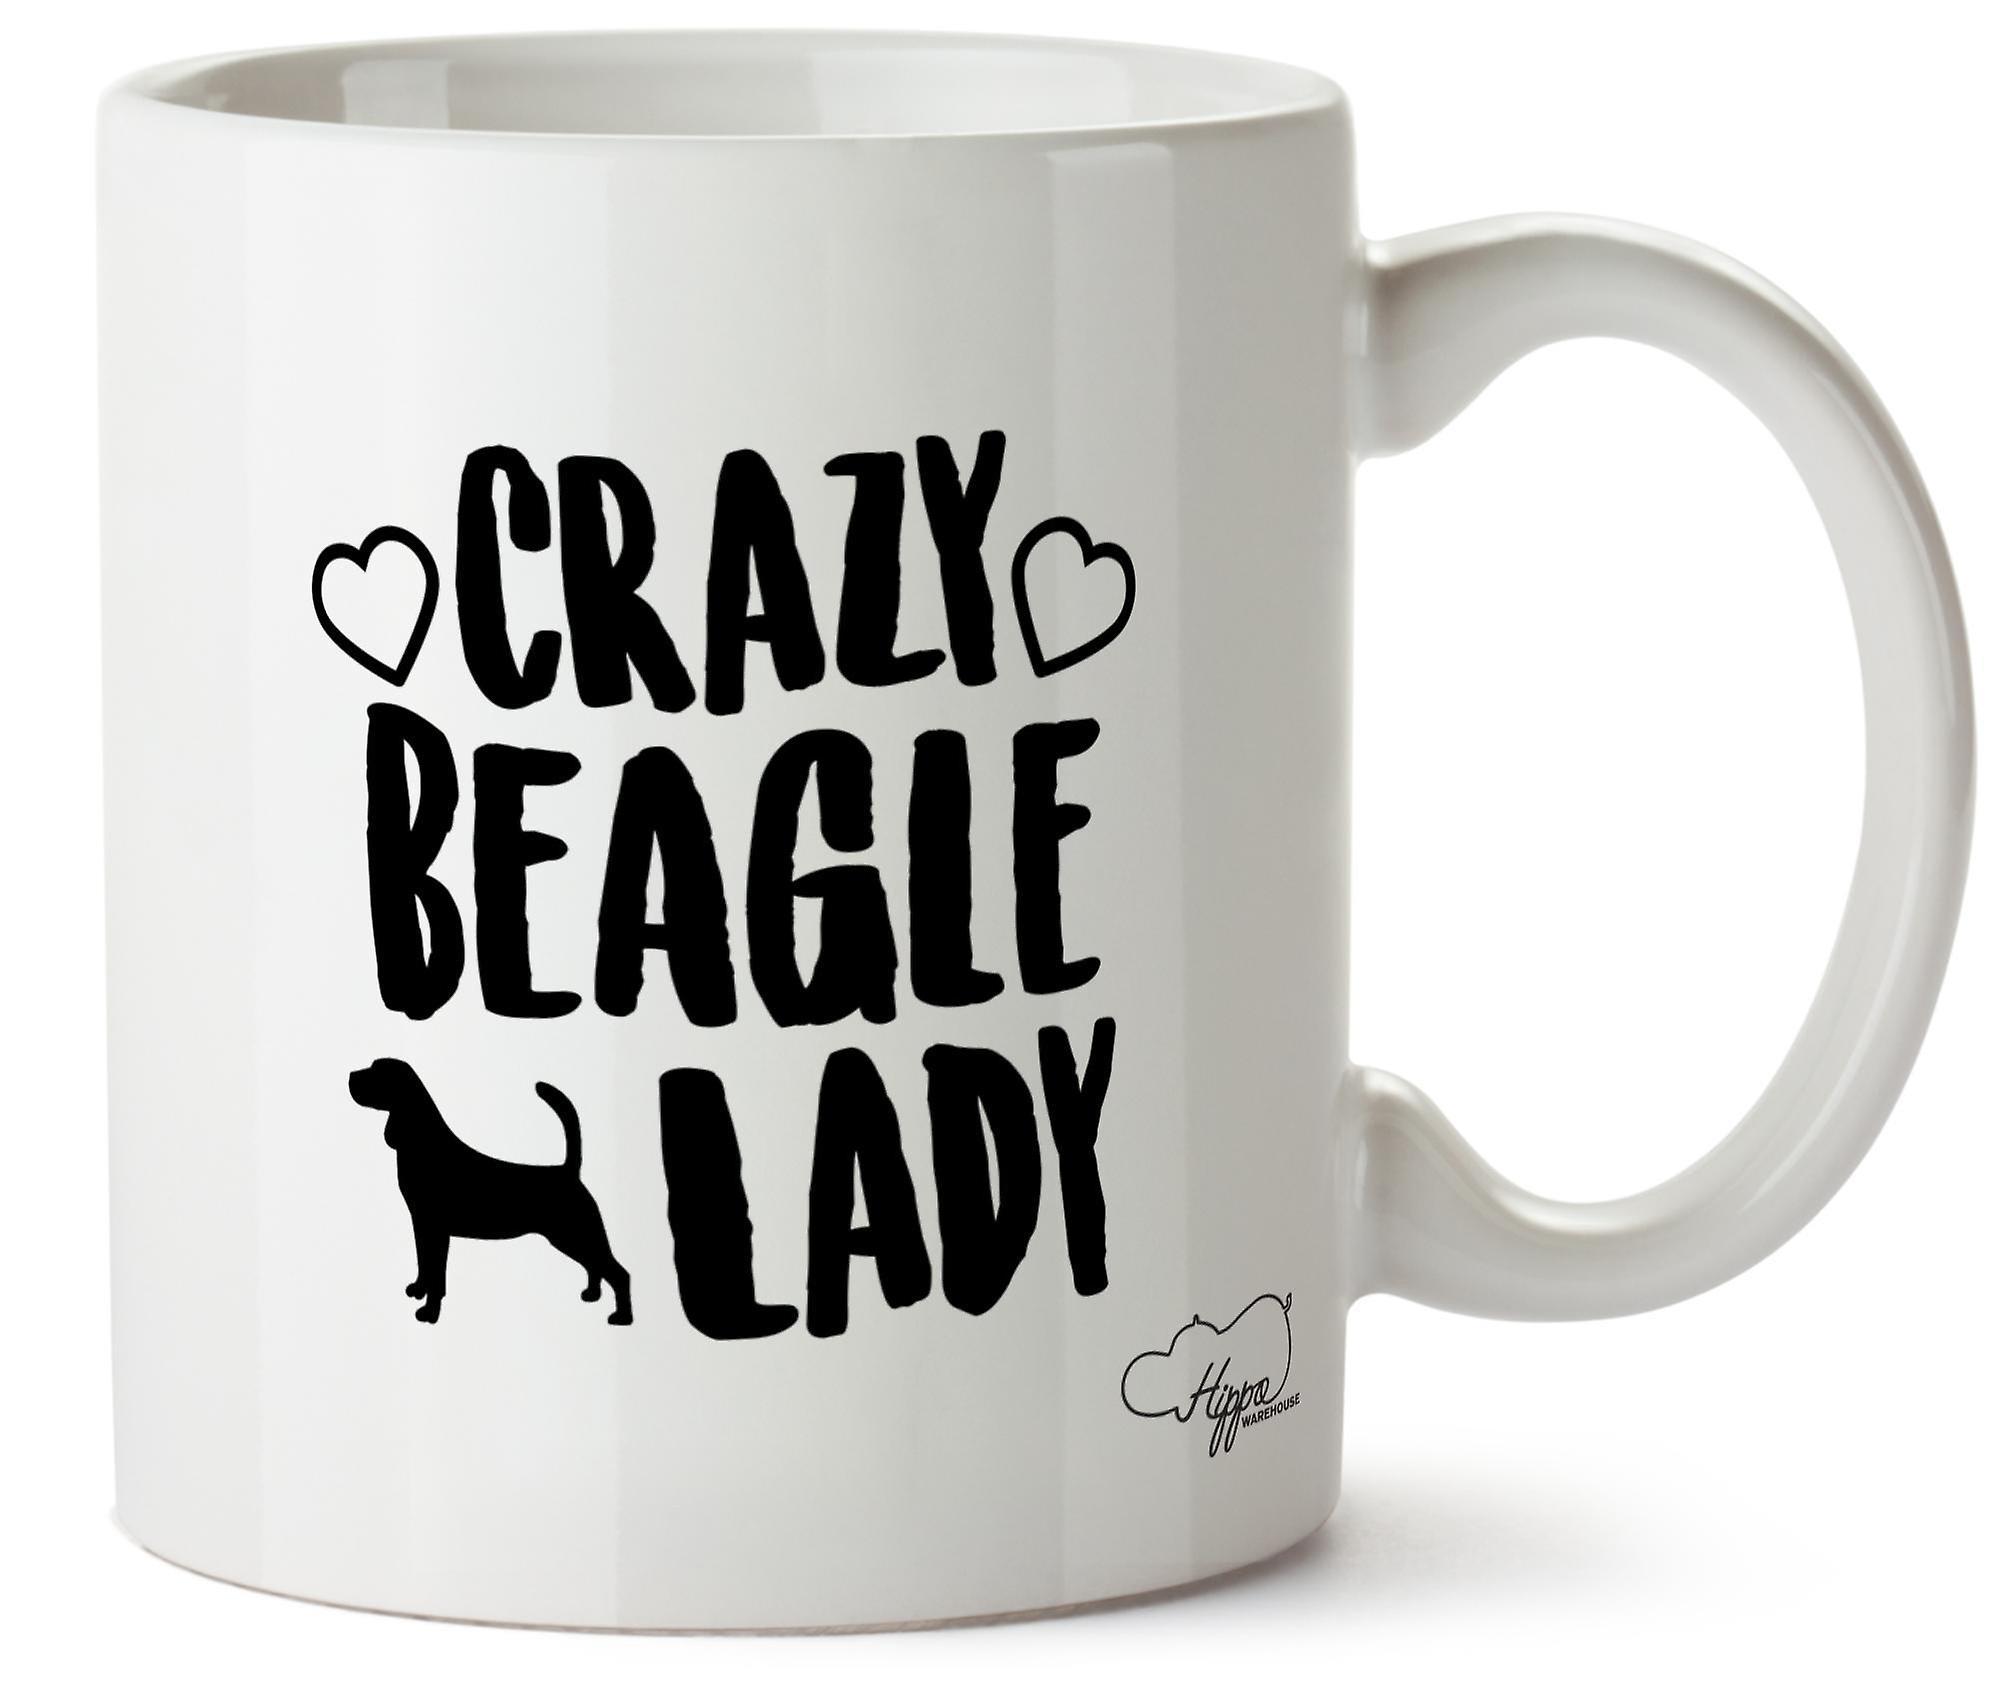 Hippowarehouse ума Бигл Собака леди напечатаны Кубка керамическая кружка 10oz